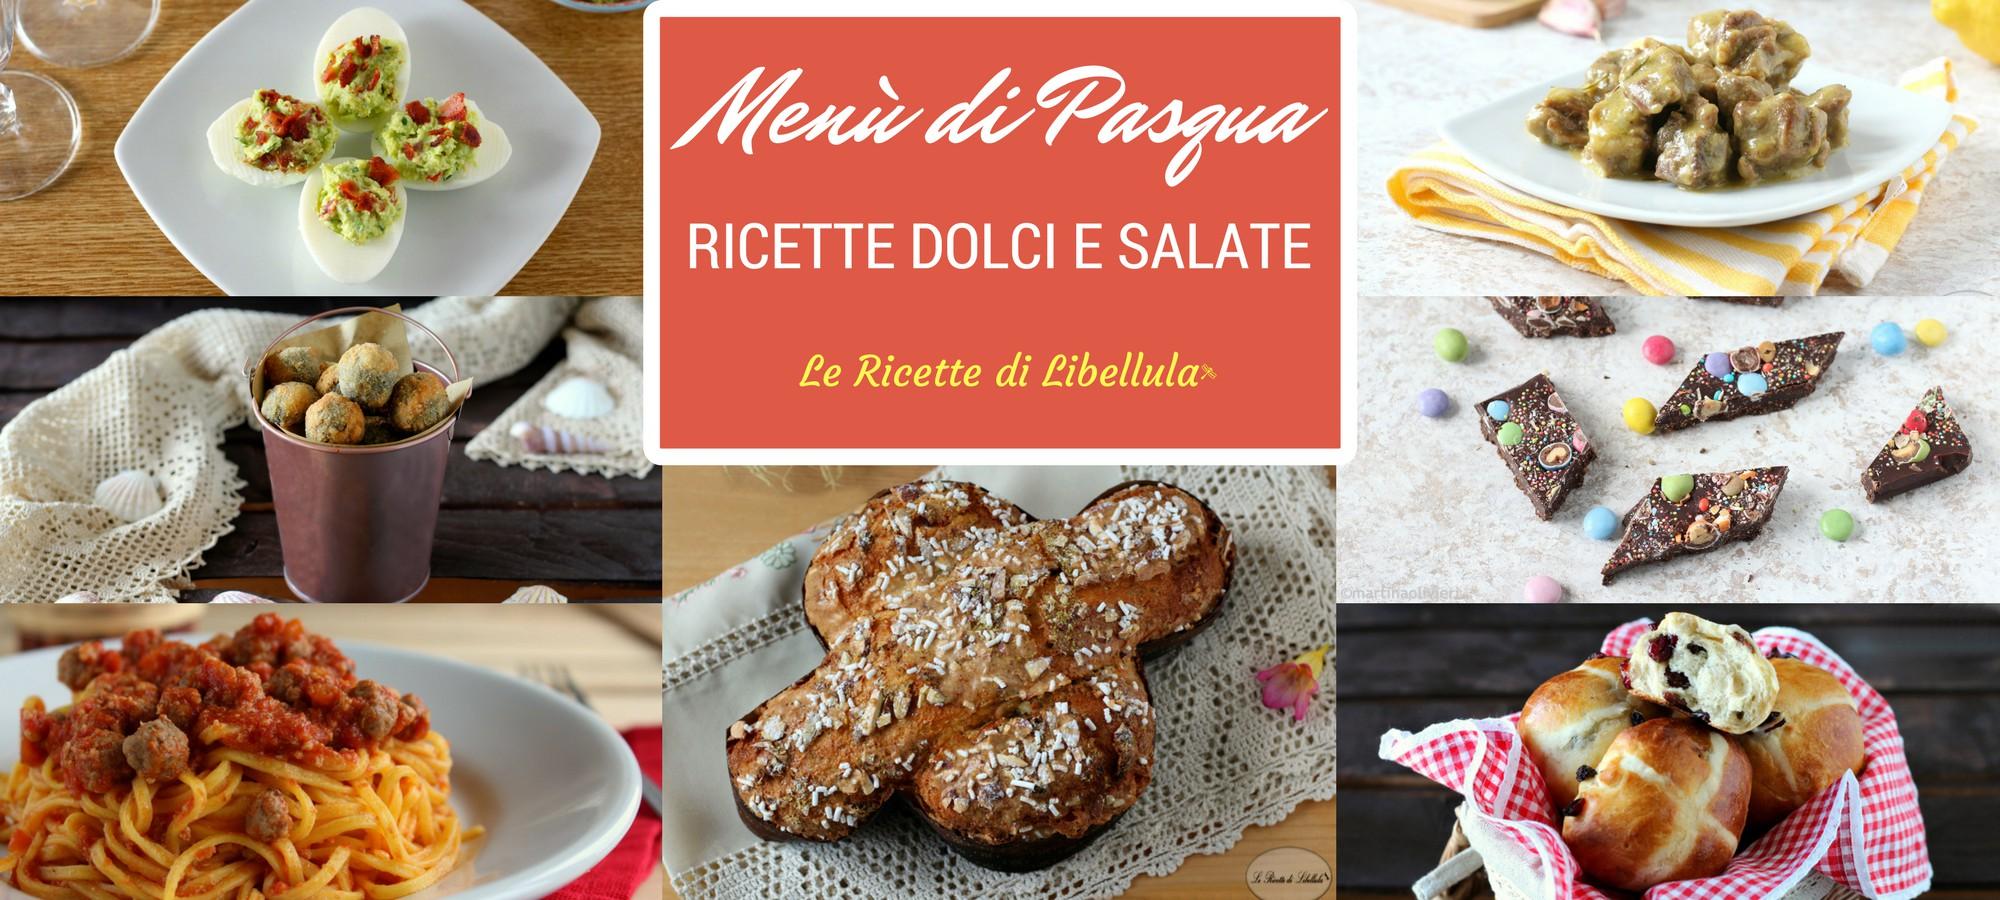 Menù di Pasqua – Ricette dolci e salate